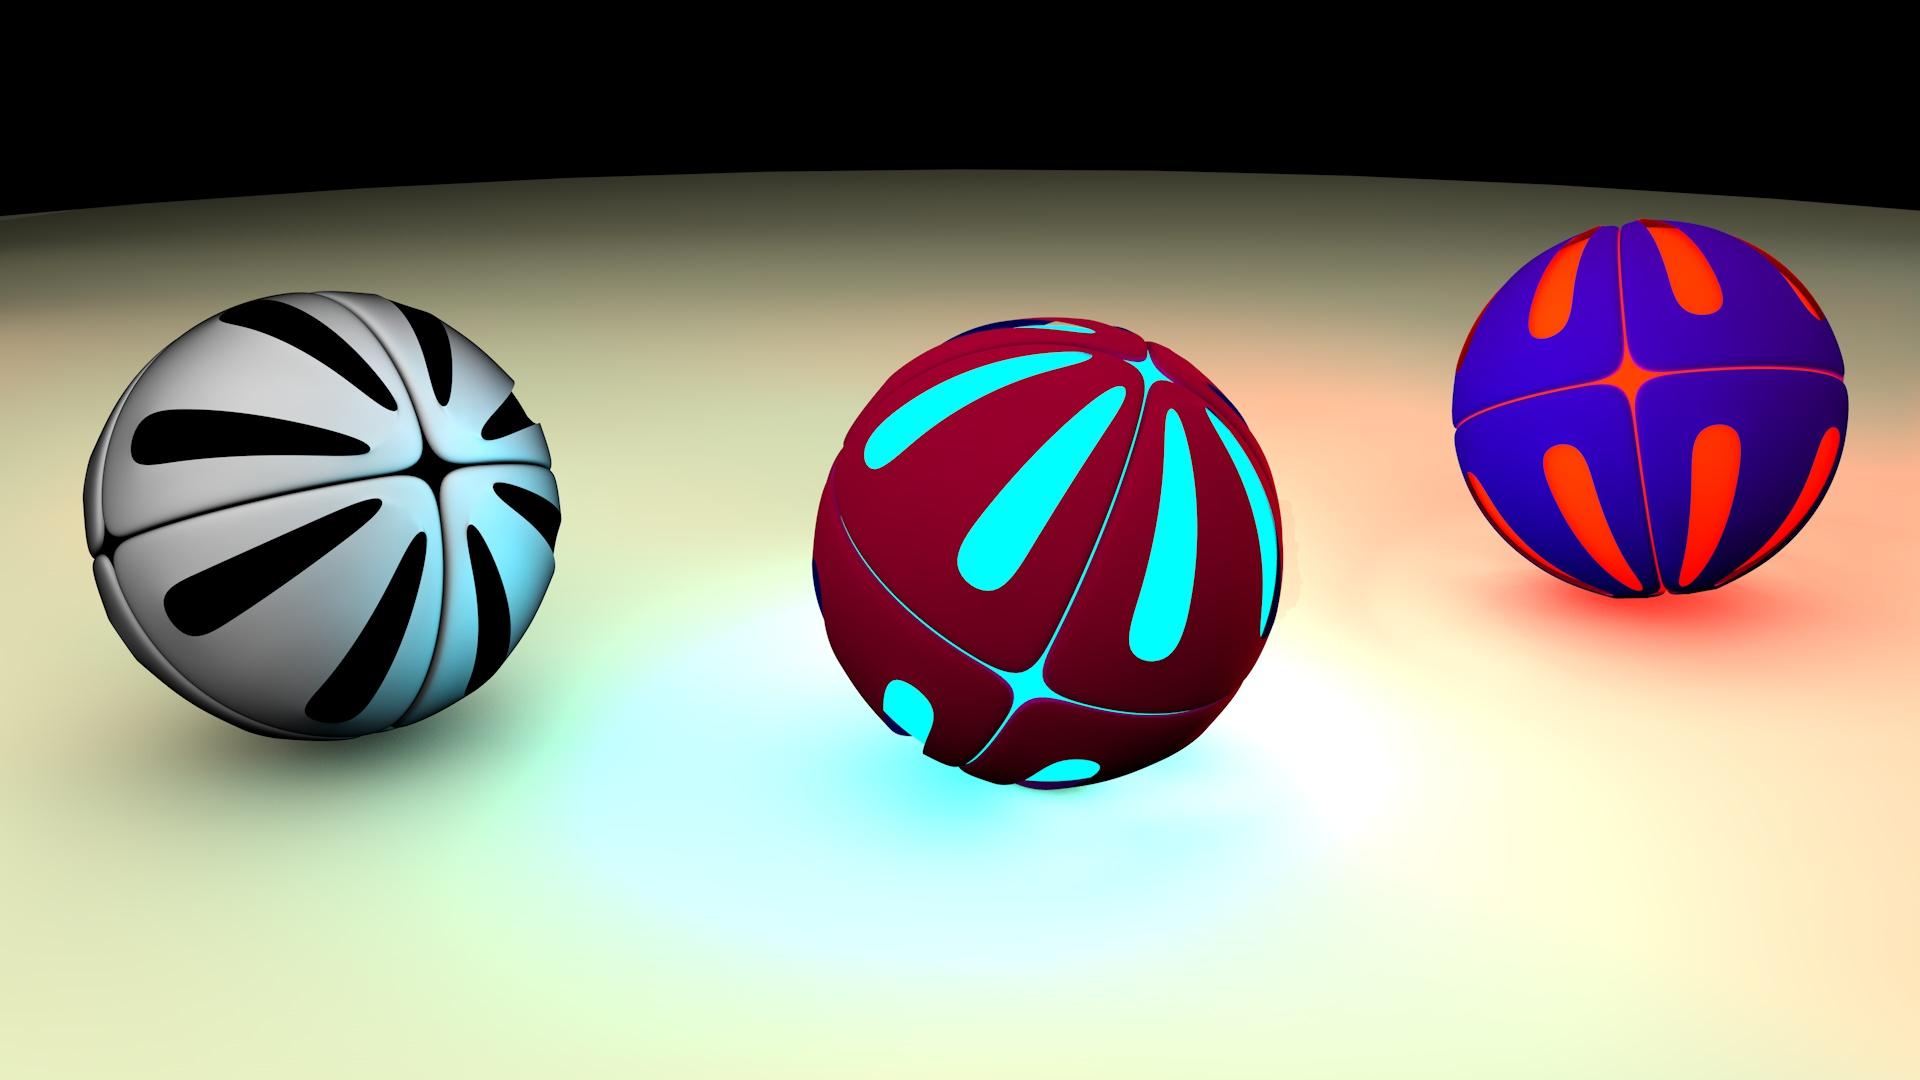 арт, моделирование, шарики